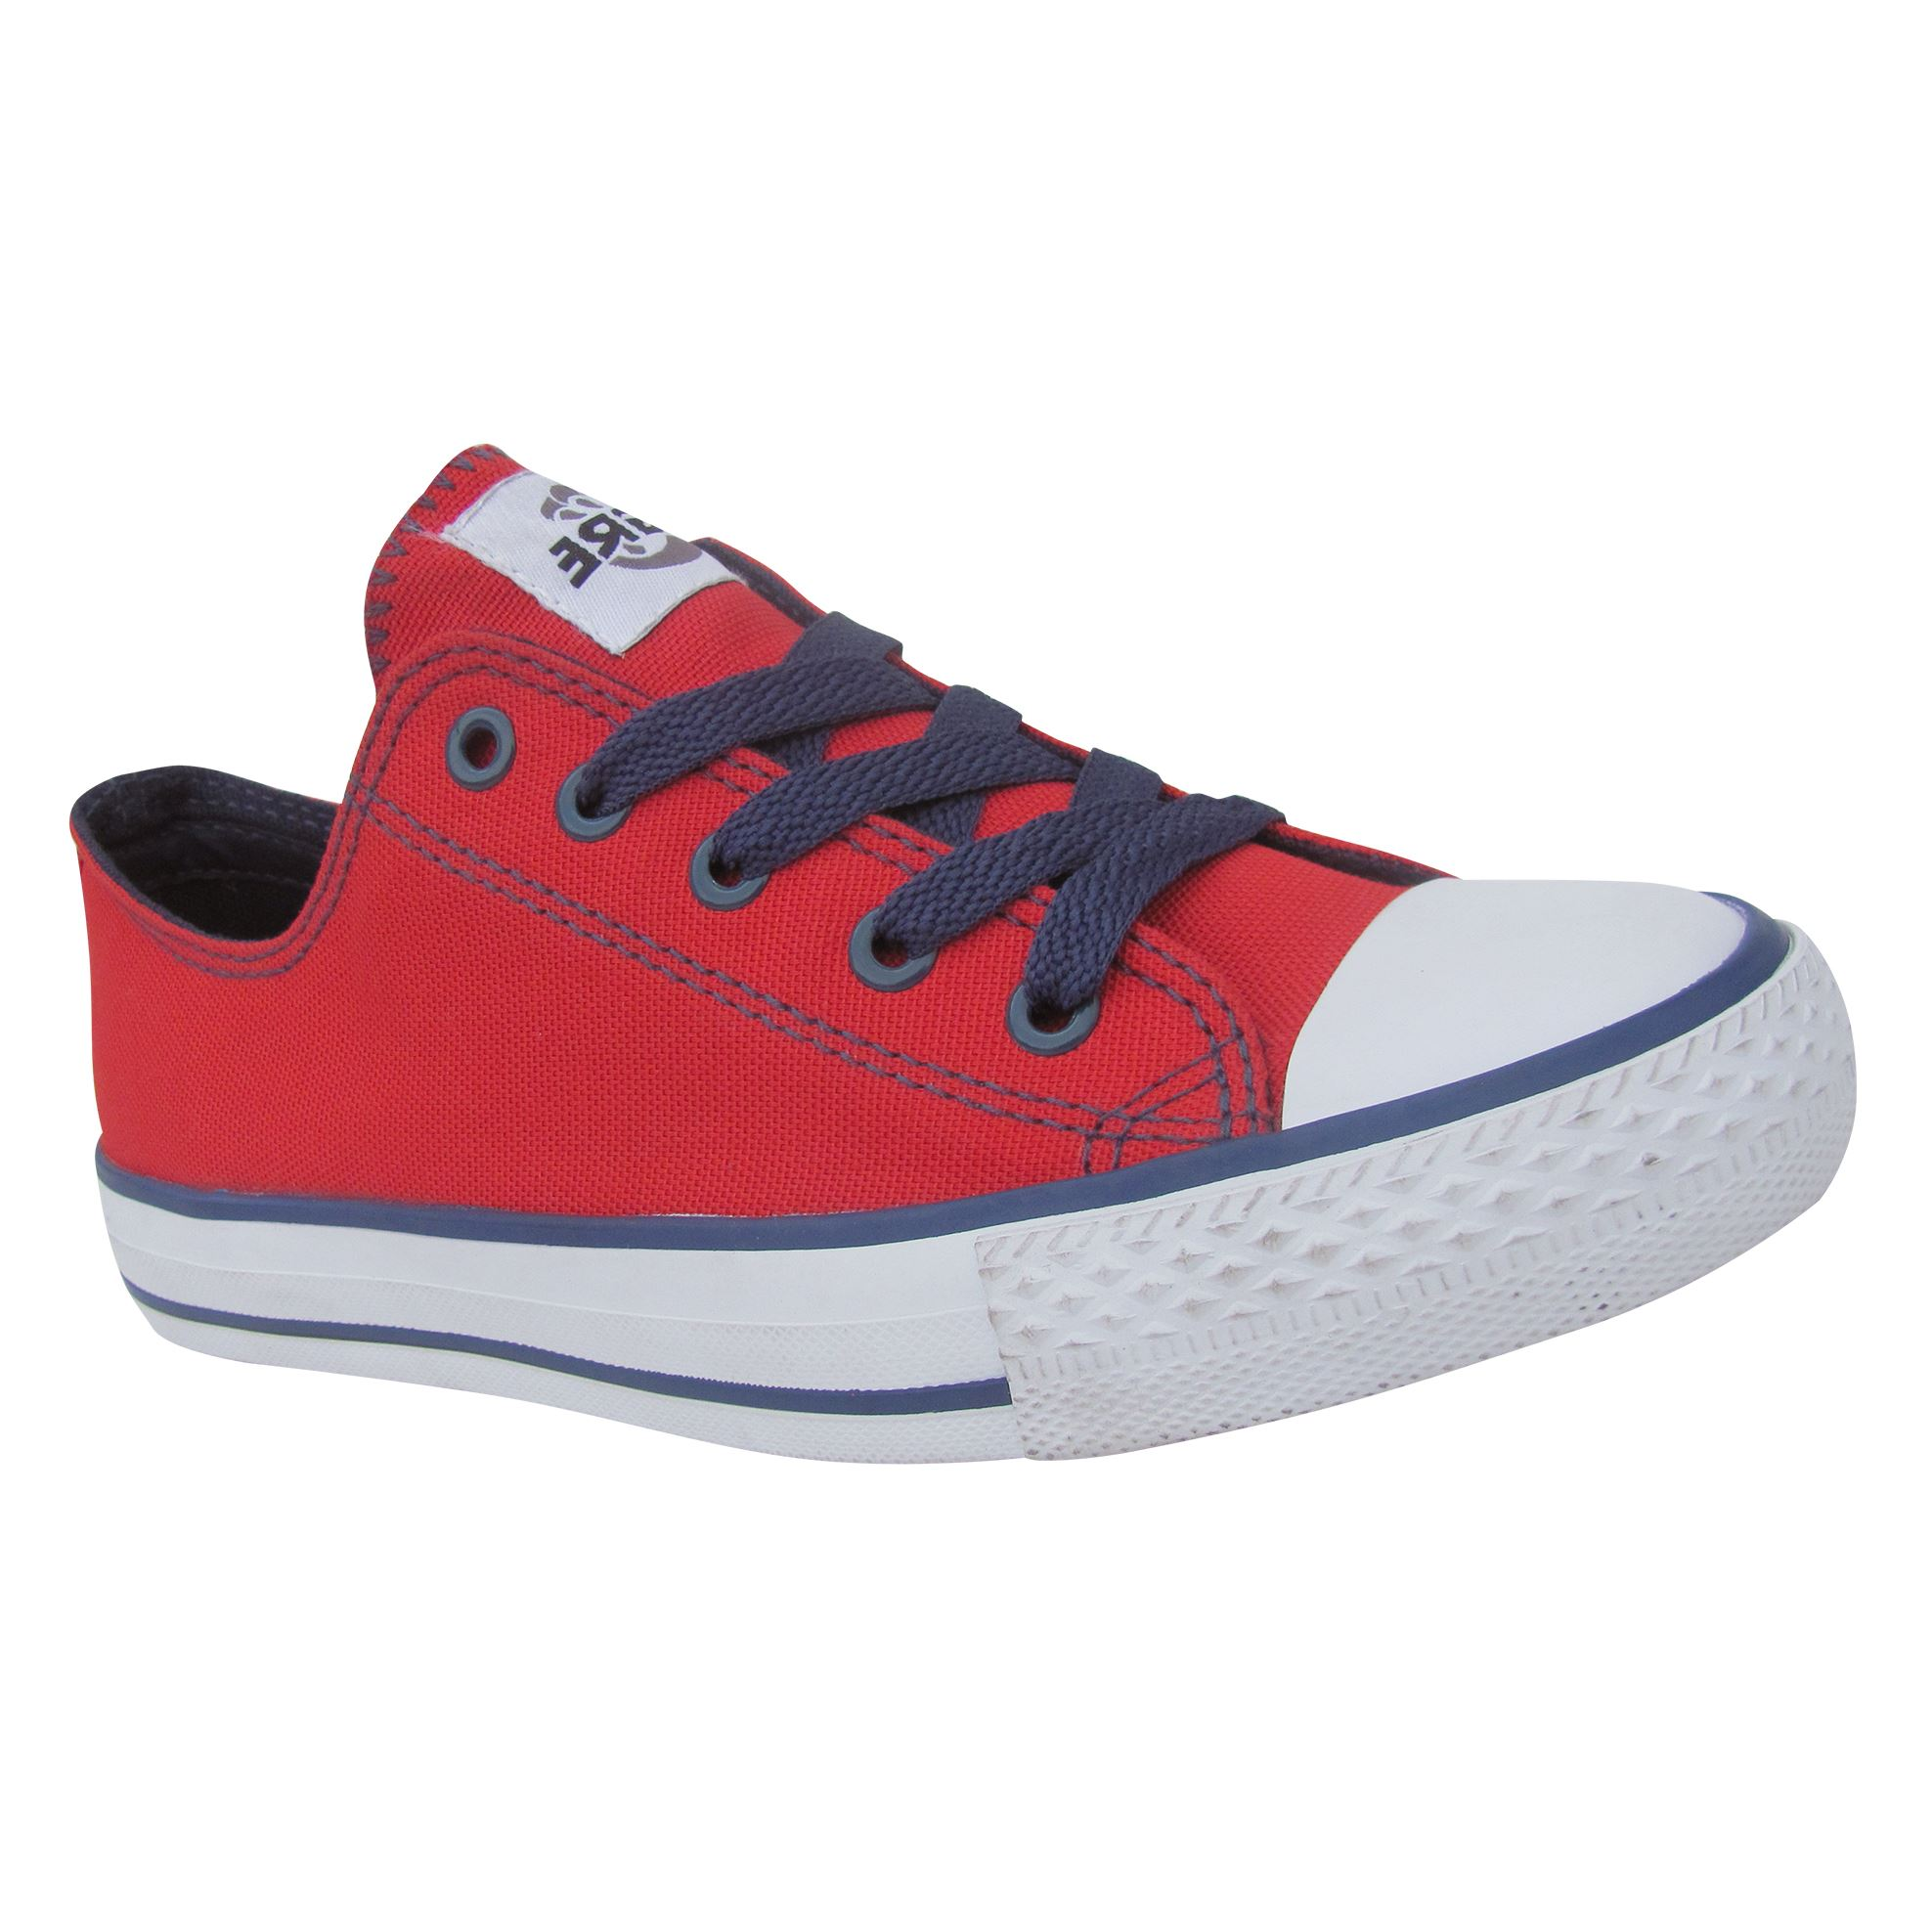 a6e0e32ce2700 Zapatilla Tigre Urbana Colors - Roja